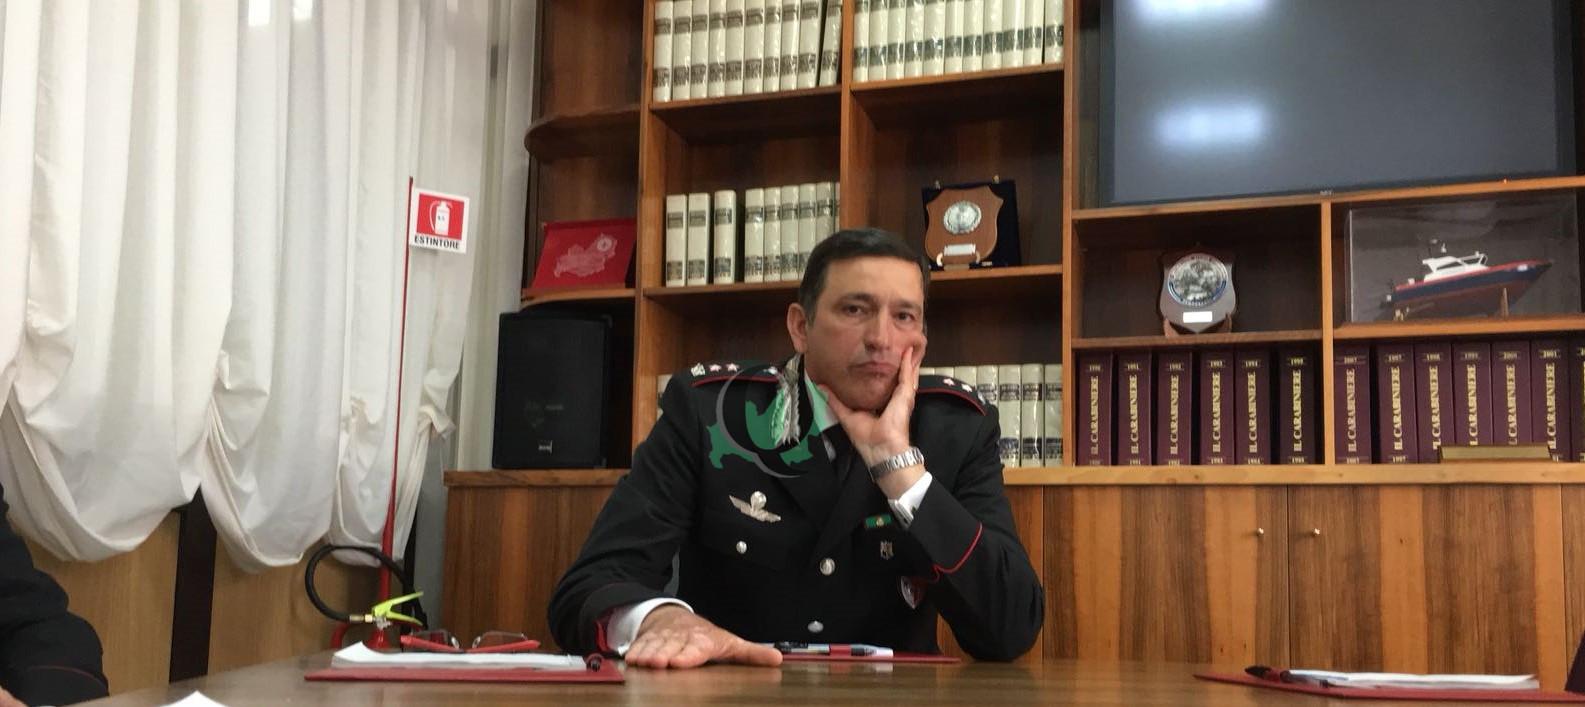 Caserma Frate, lunedì il giuramento di 473 allievi Carabinieri